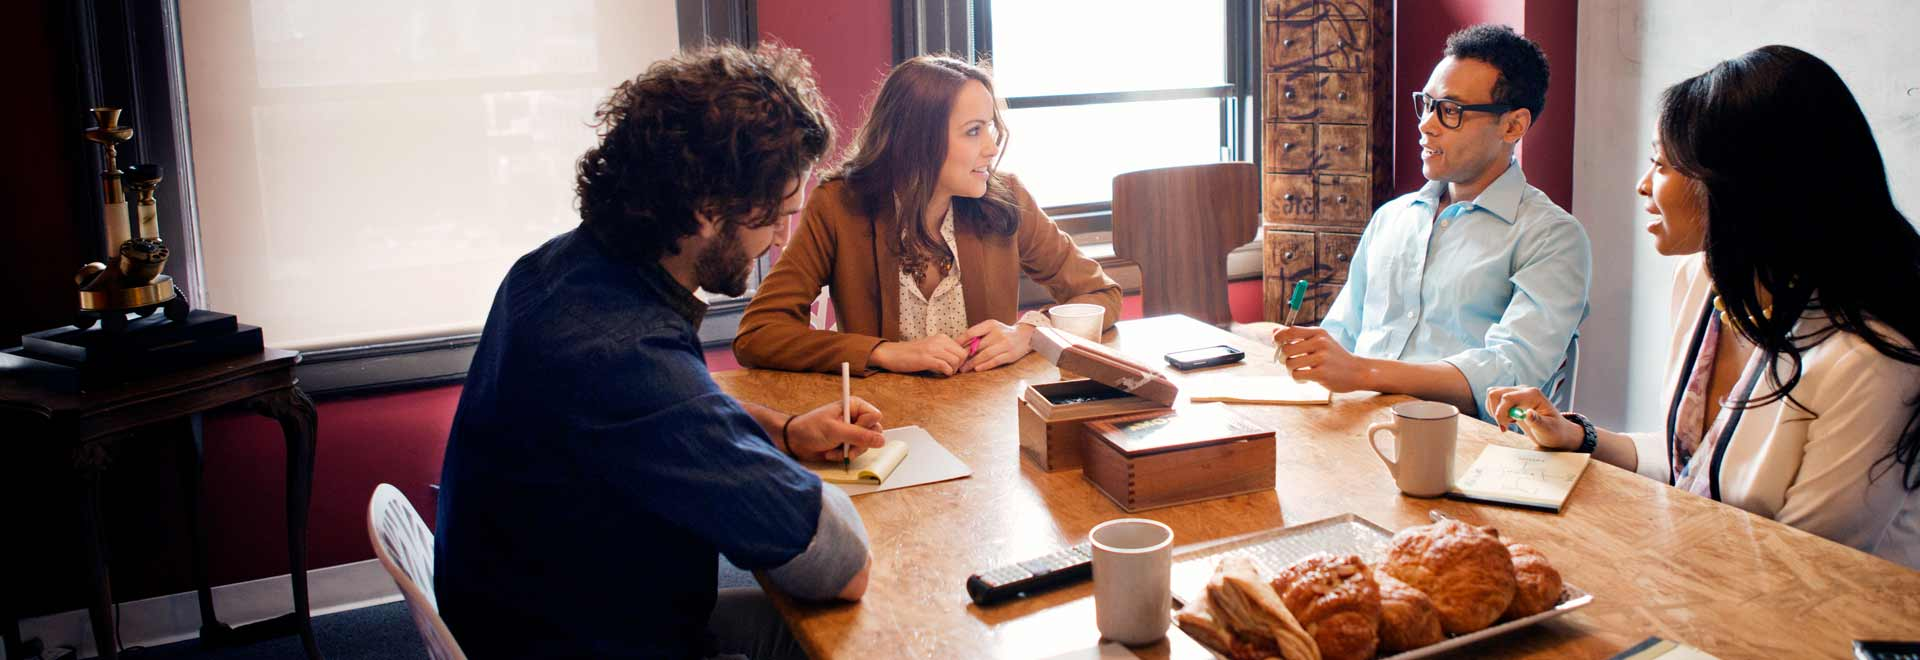 คนสี่คนกำลังทำงานในสำนักงาน โดยใช้ Office 365 Enterprise E3